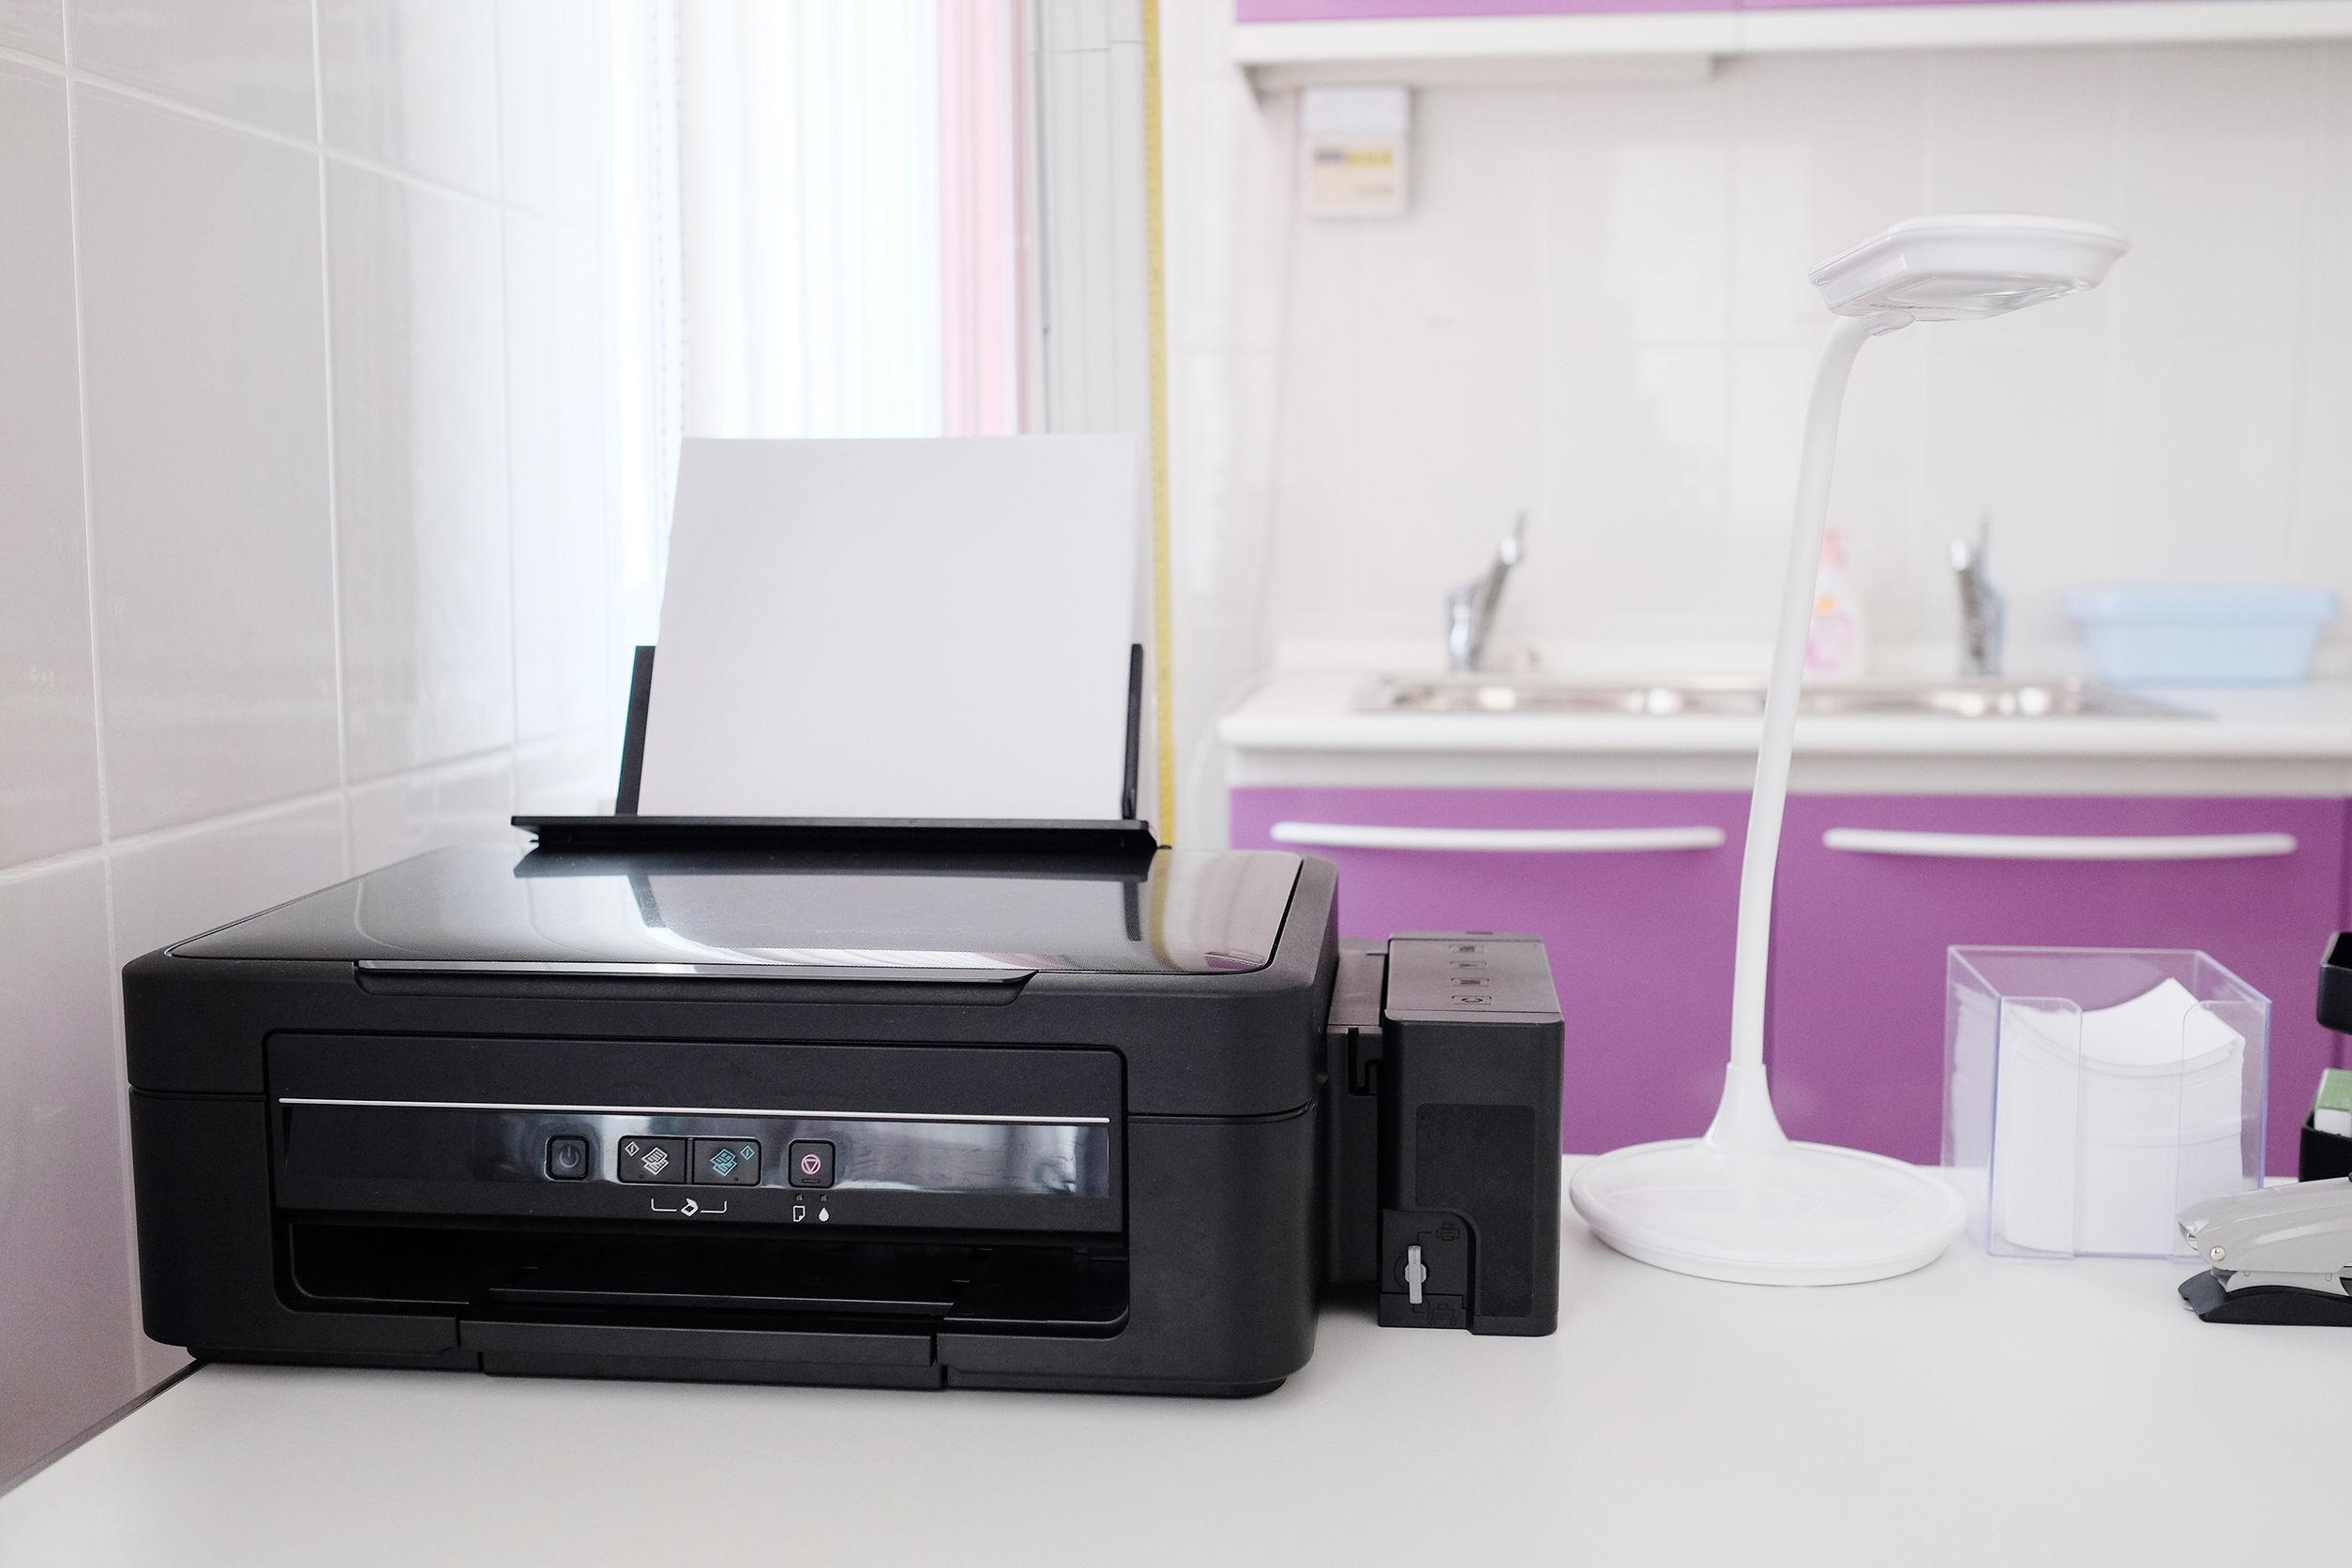 Impresoras AirPrint: ¿Cuál es la mejor del 2021?